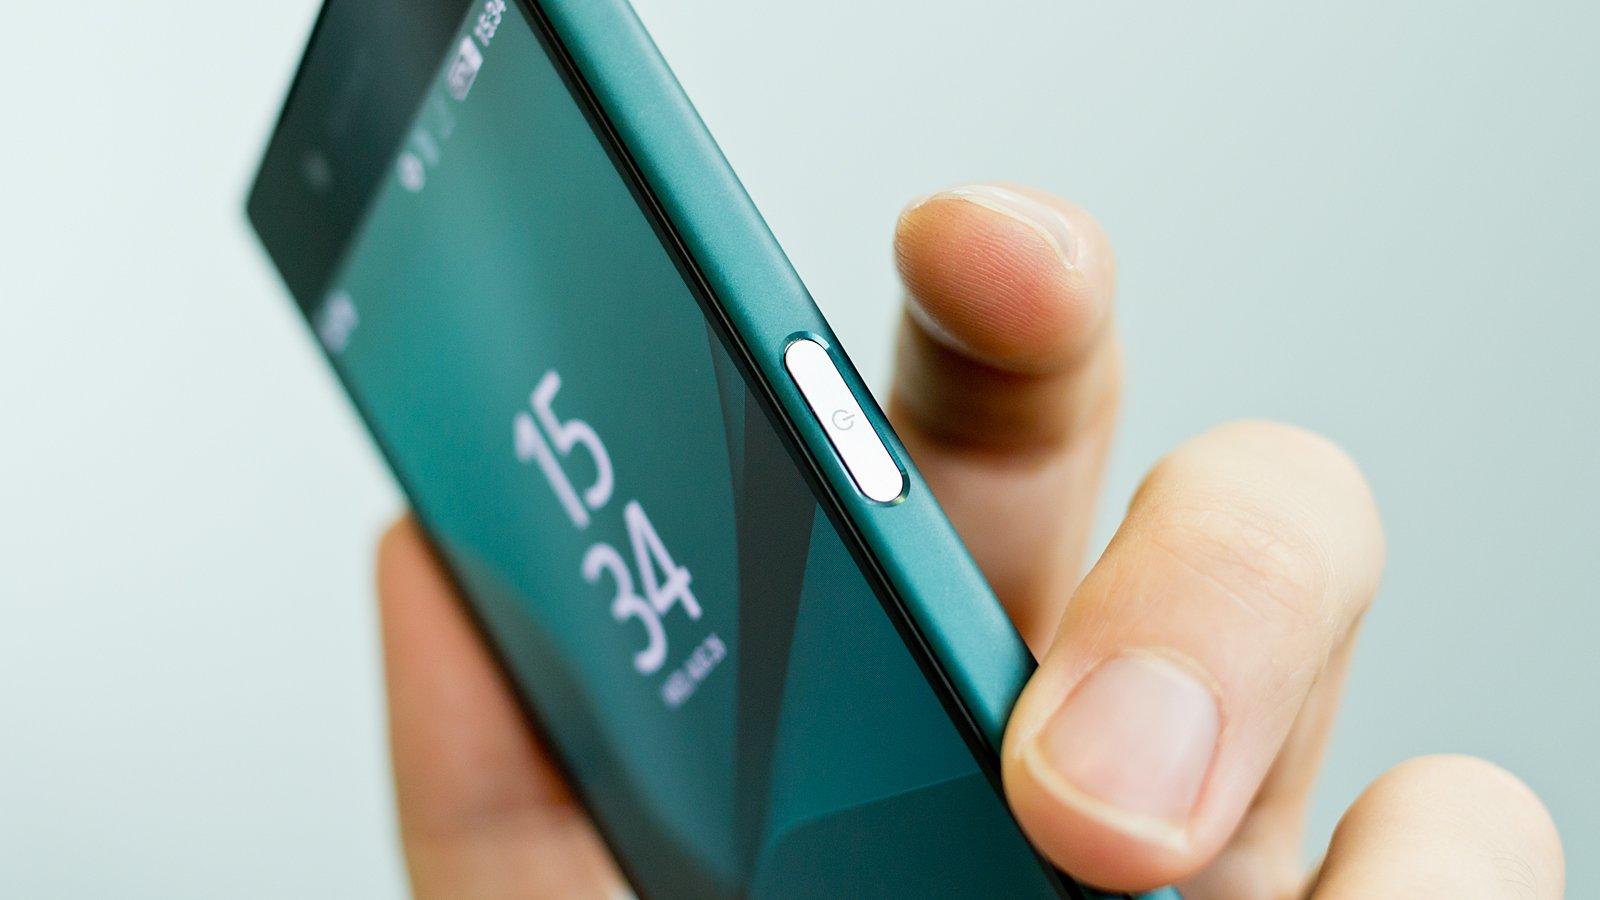 Sony Xperia Z6 fiche technique